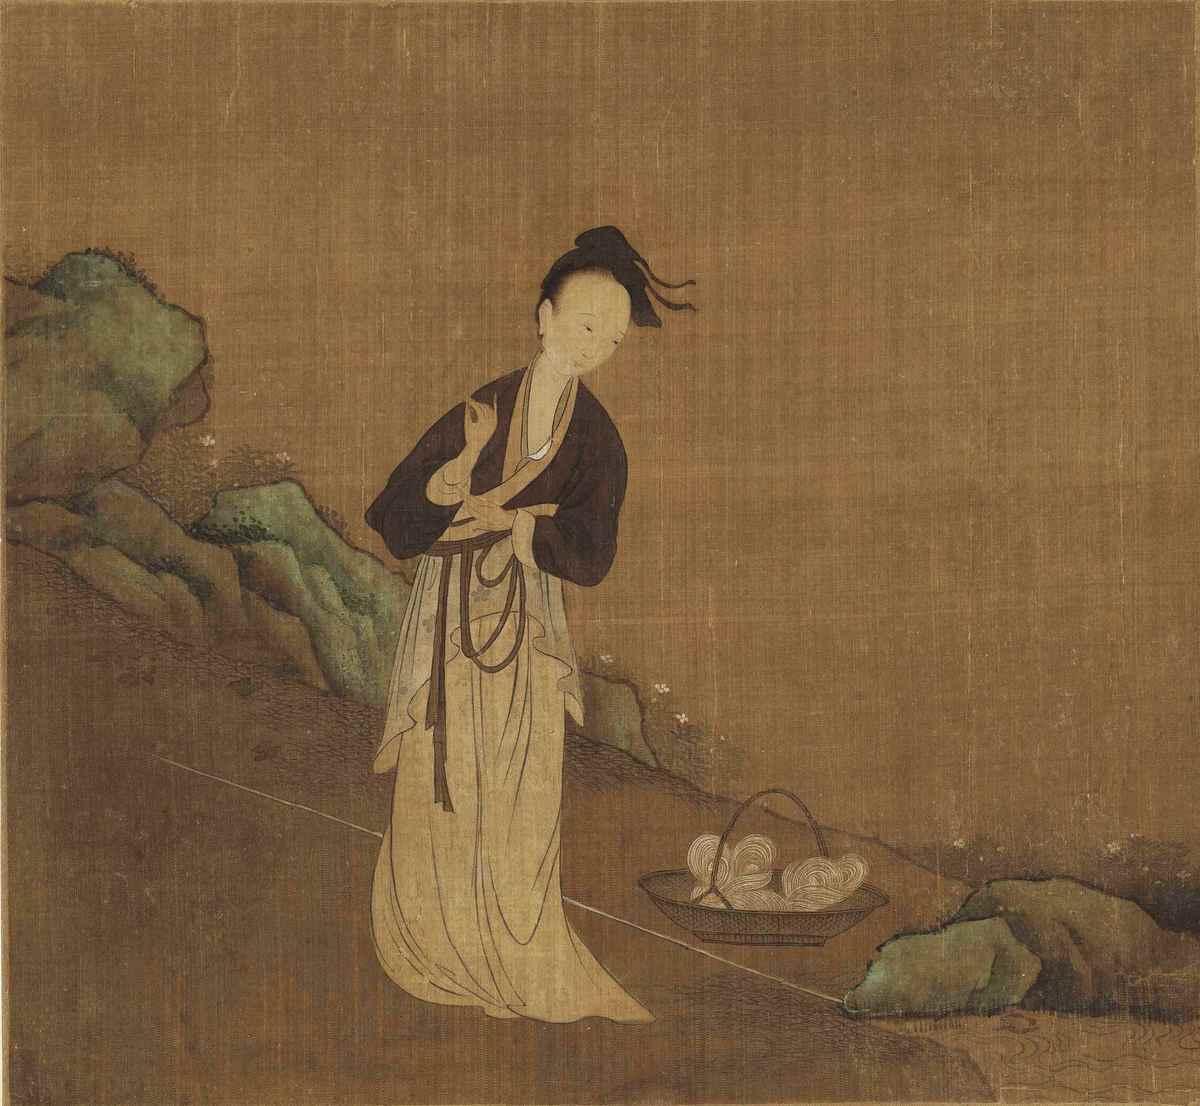 伍子胥千金報德史貞女,就是漢語中「千金小姐」一詞的來歷。示意圖:五代周文矩《西子浣紗圖》(局部),絹本。(公有領域)